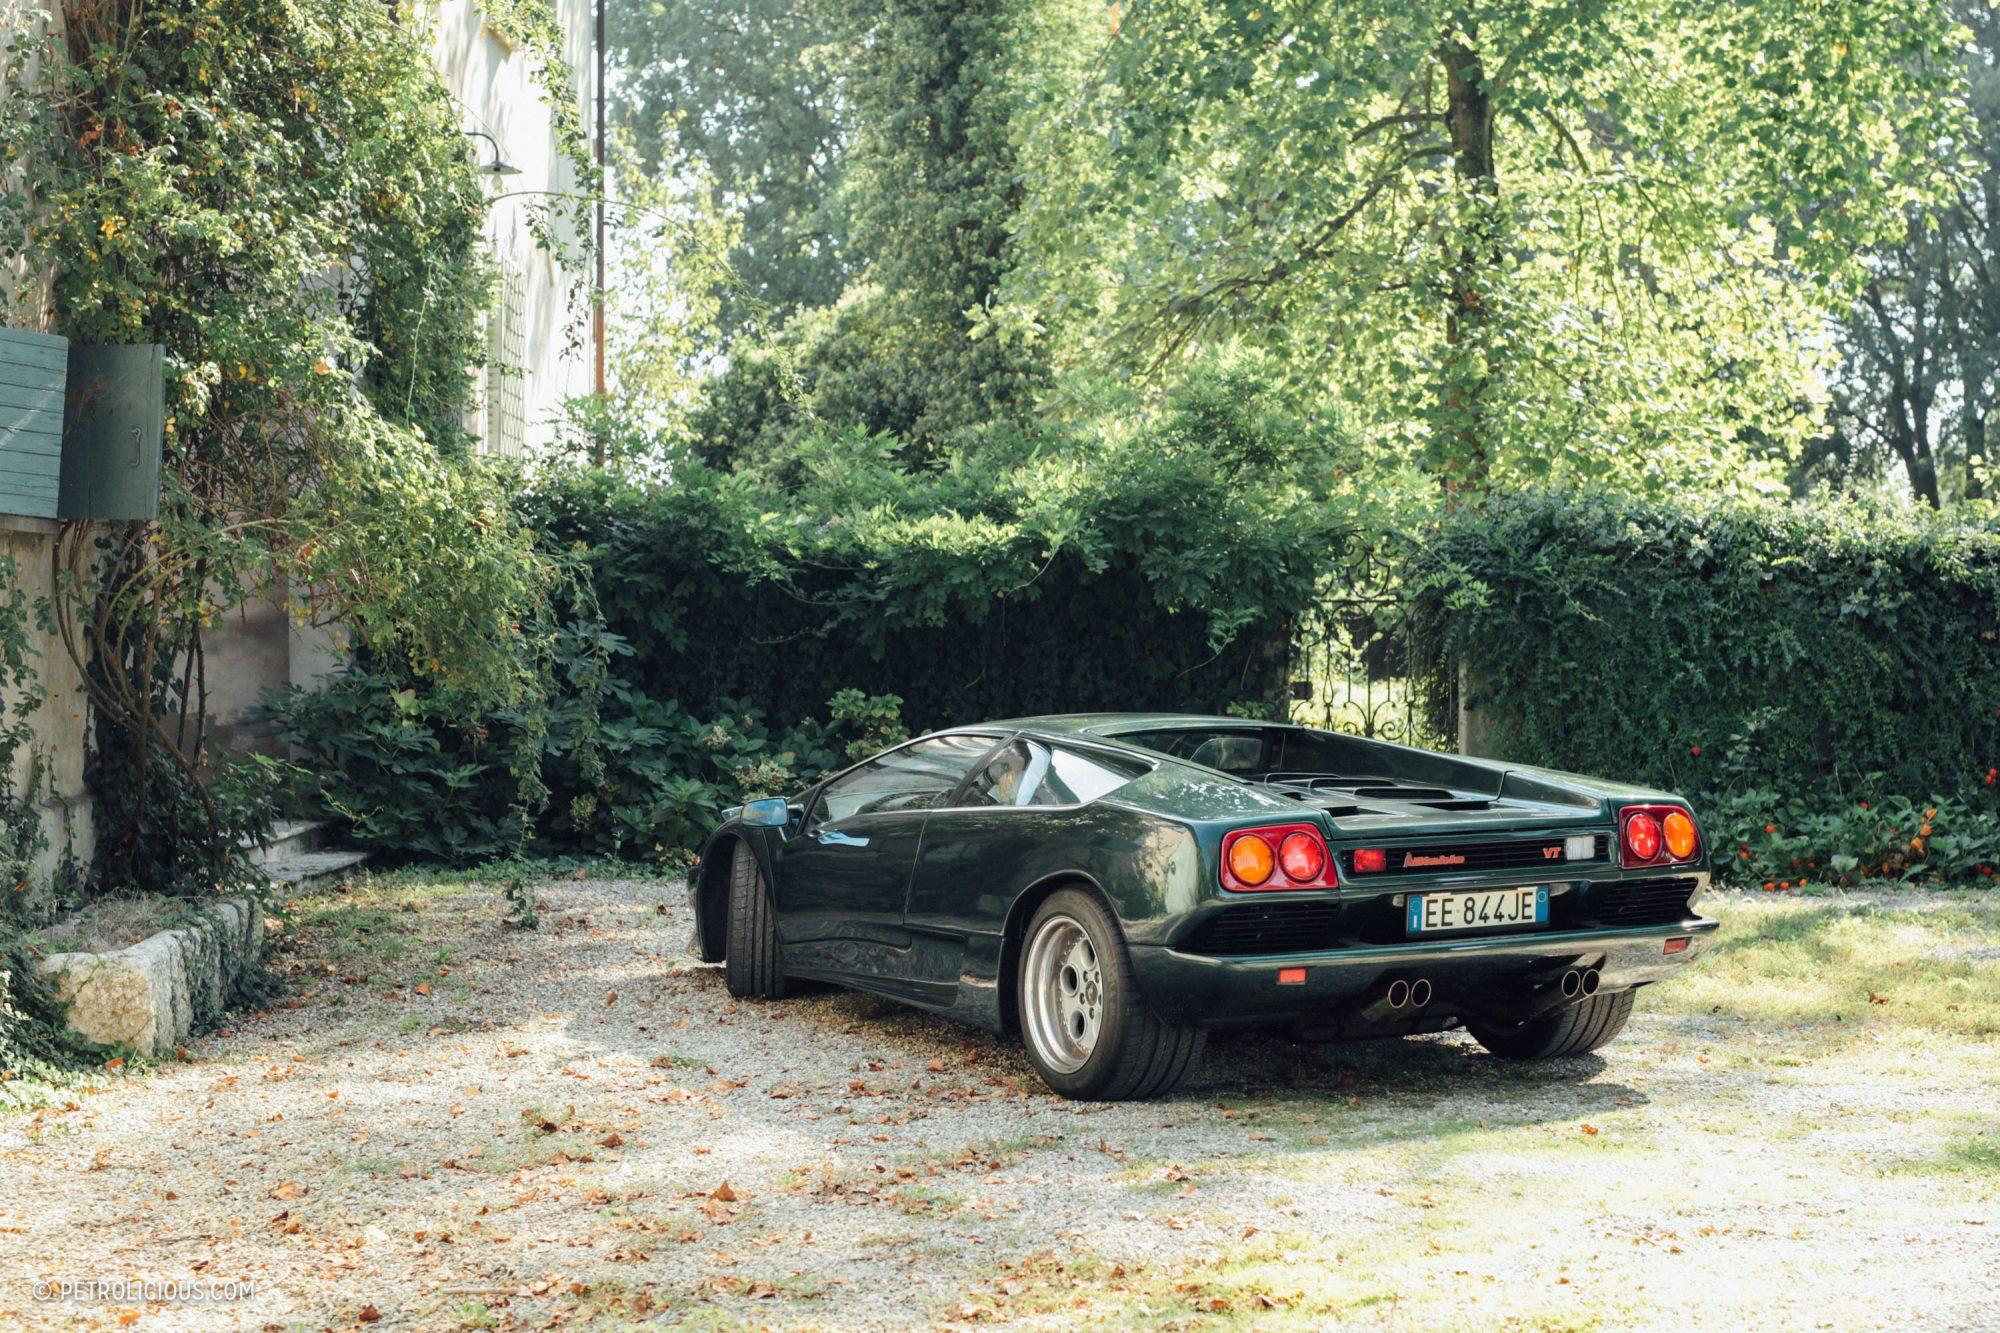 Marco-Annunziata-Lamborghini-Diablo-VT-10-2000x1333